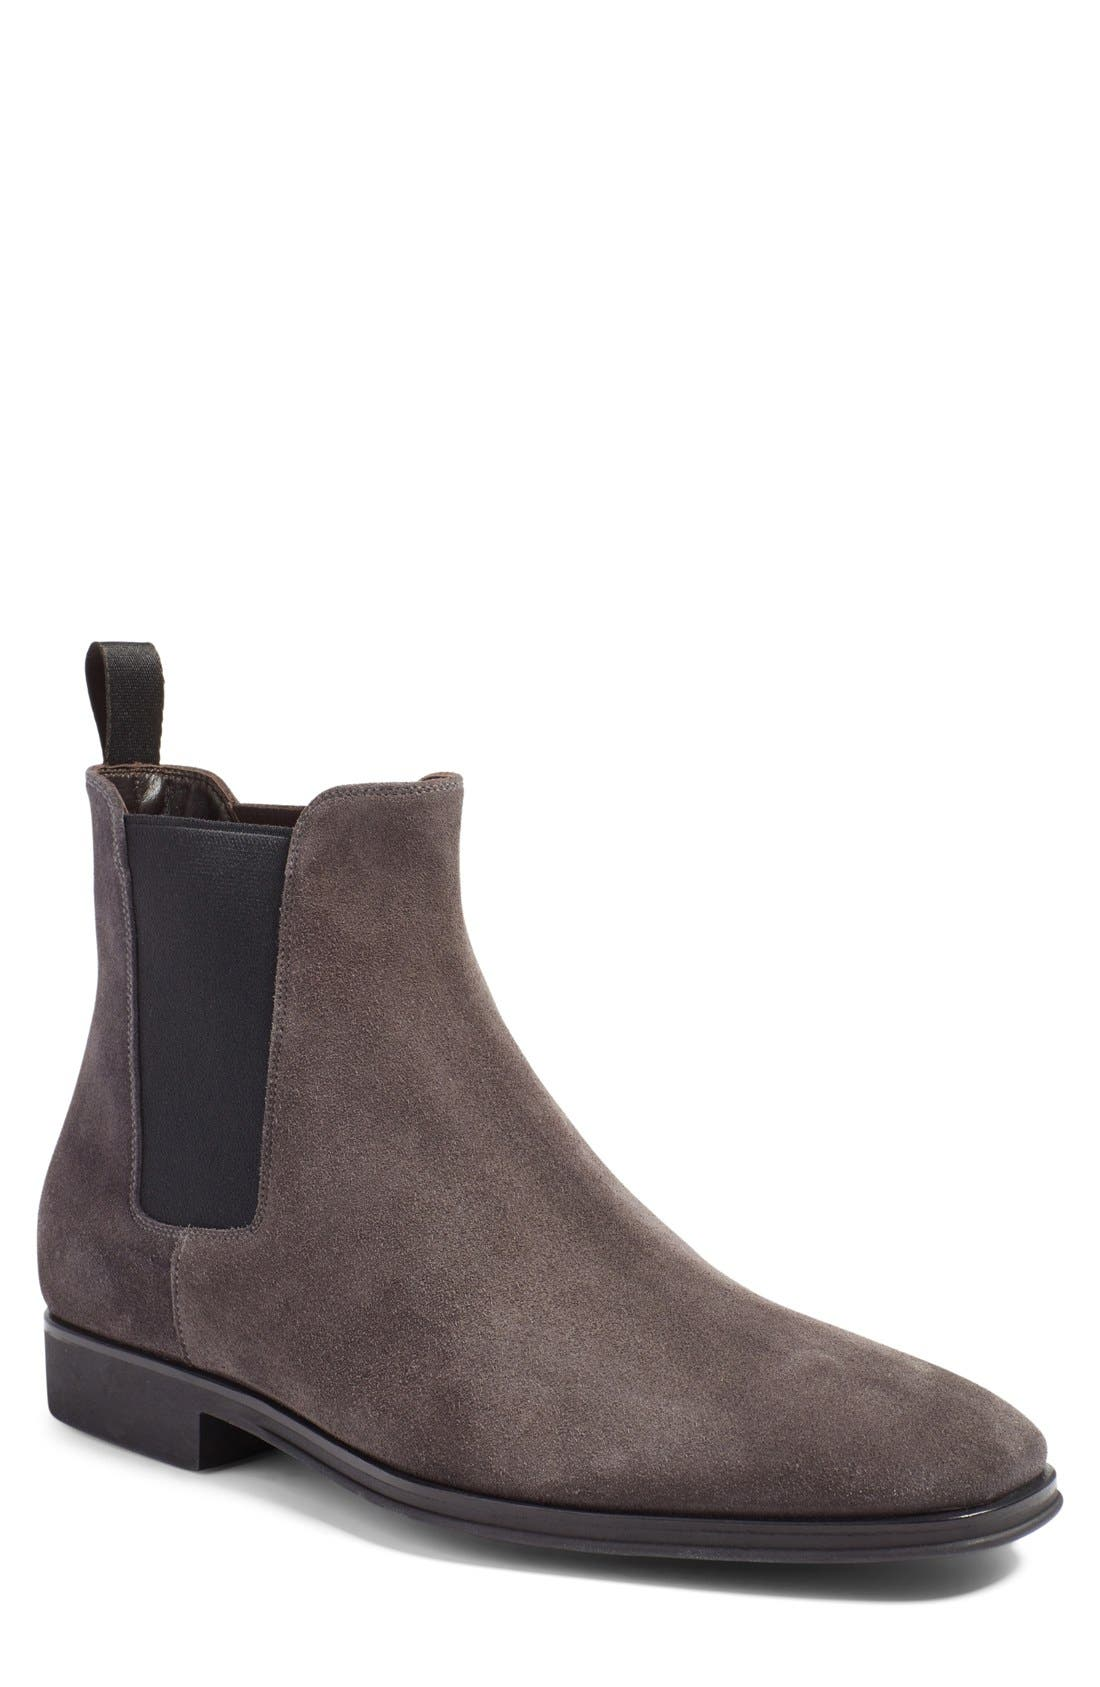 Enrico Chelsea Boot,                         Main,                         color, GREY SUEDE